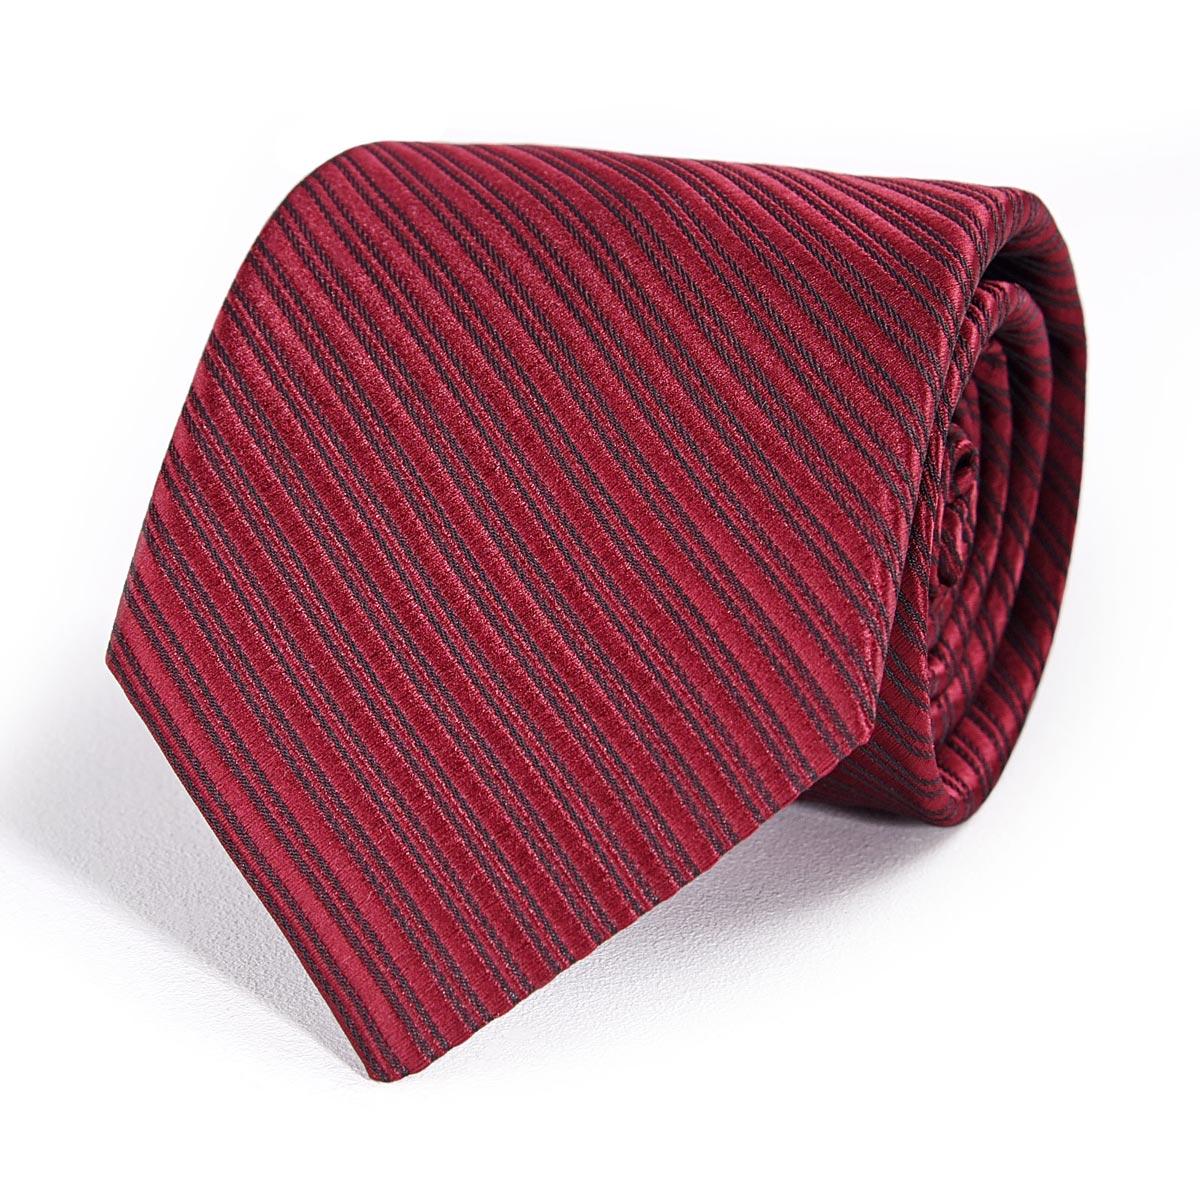 _Cravate-homme-faux-uni-rouge-bordeaux